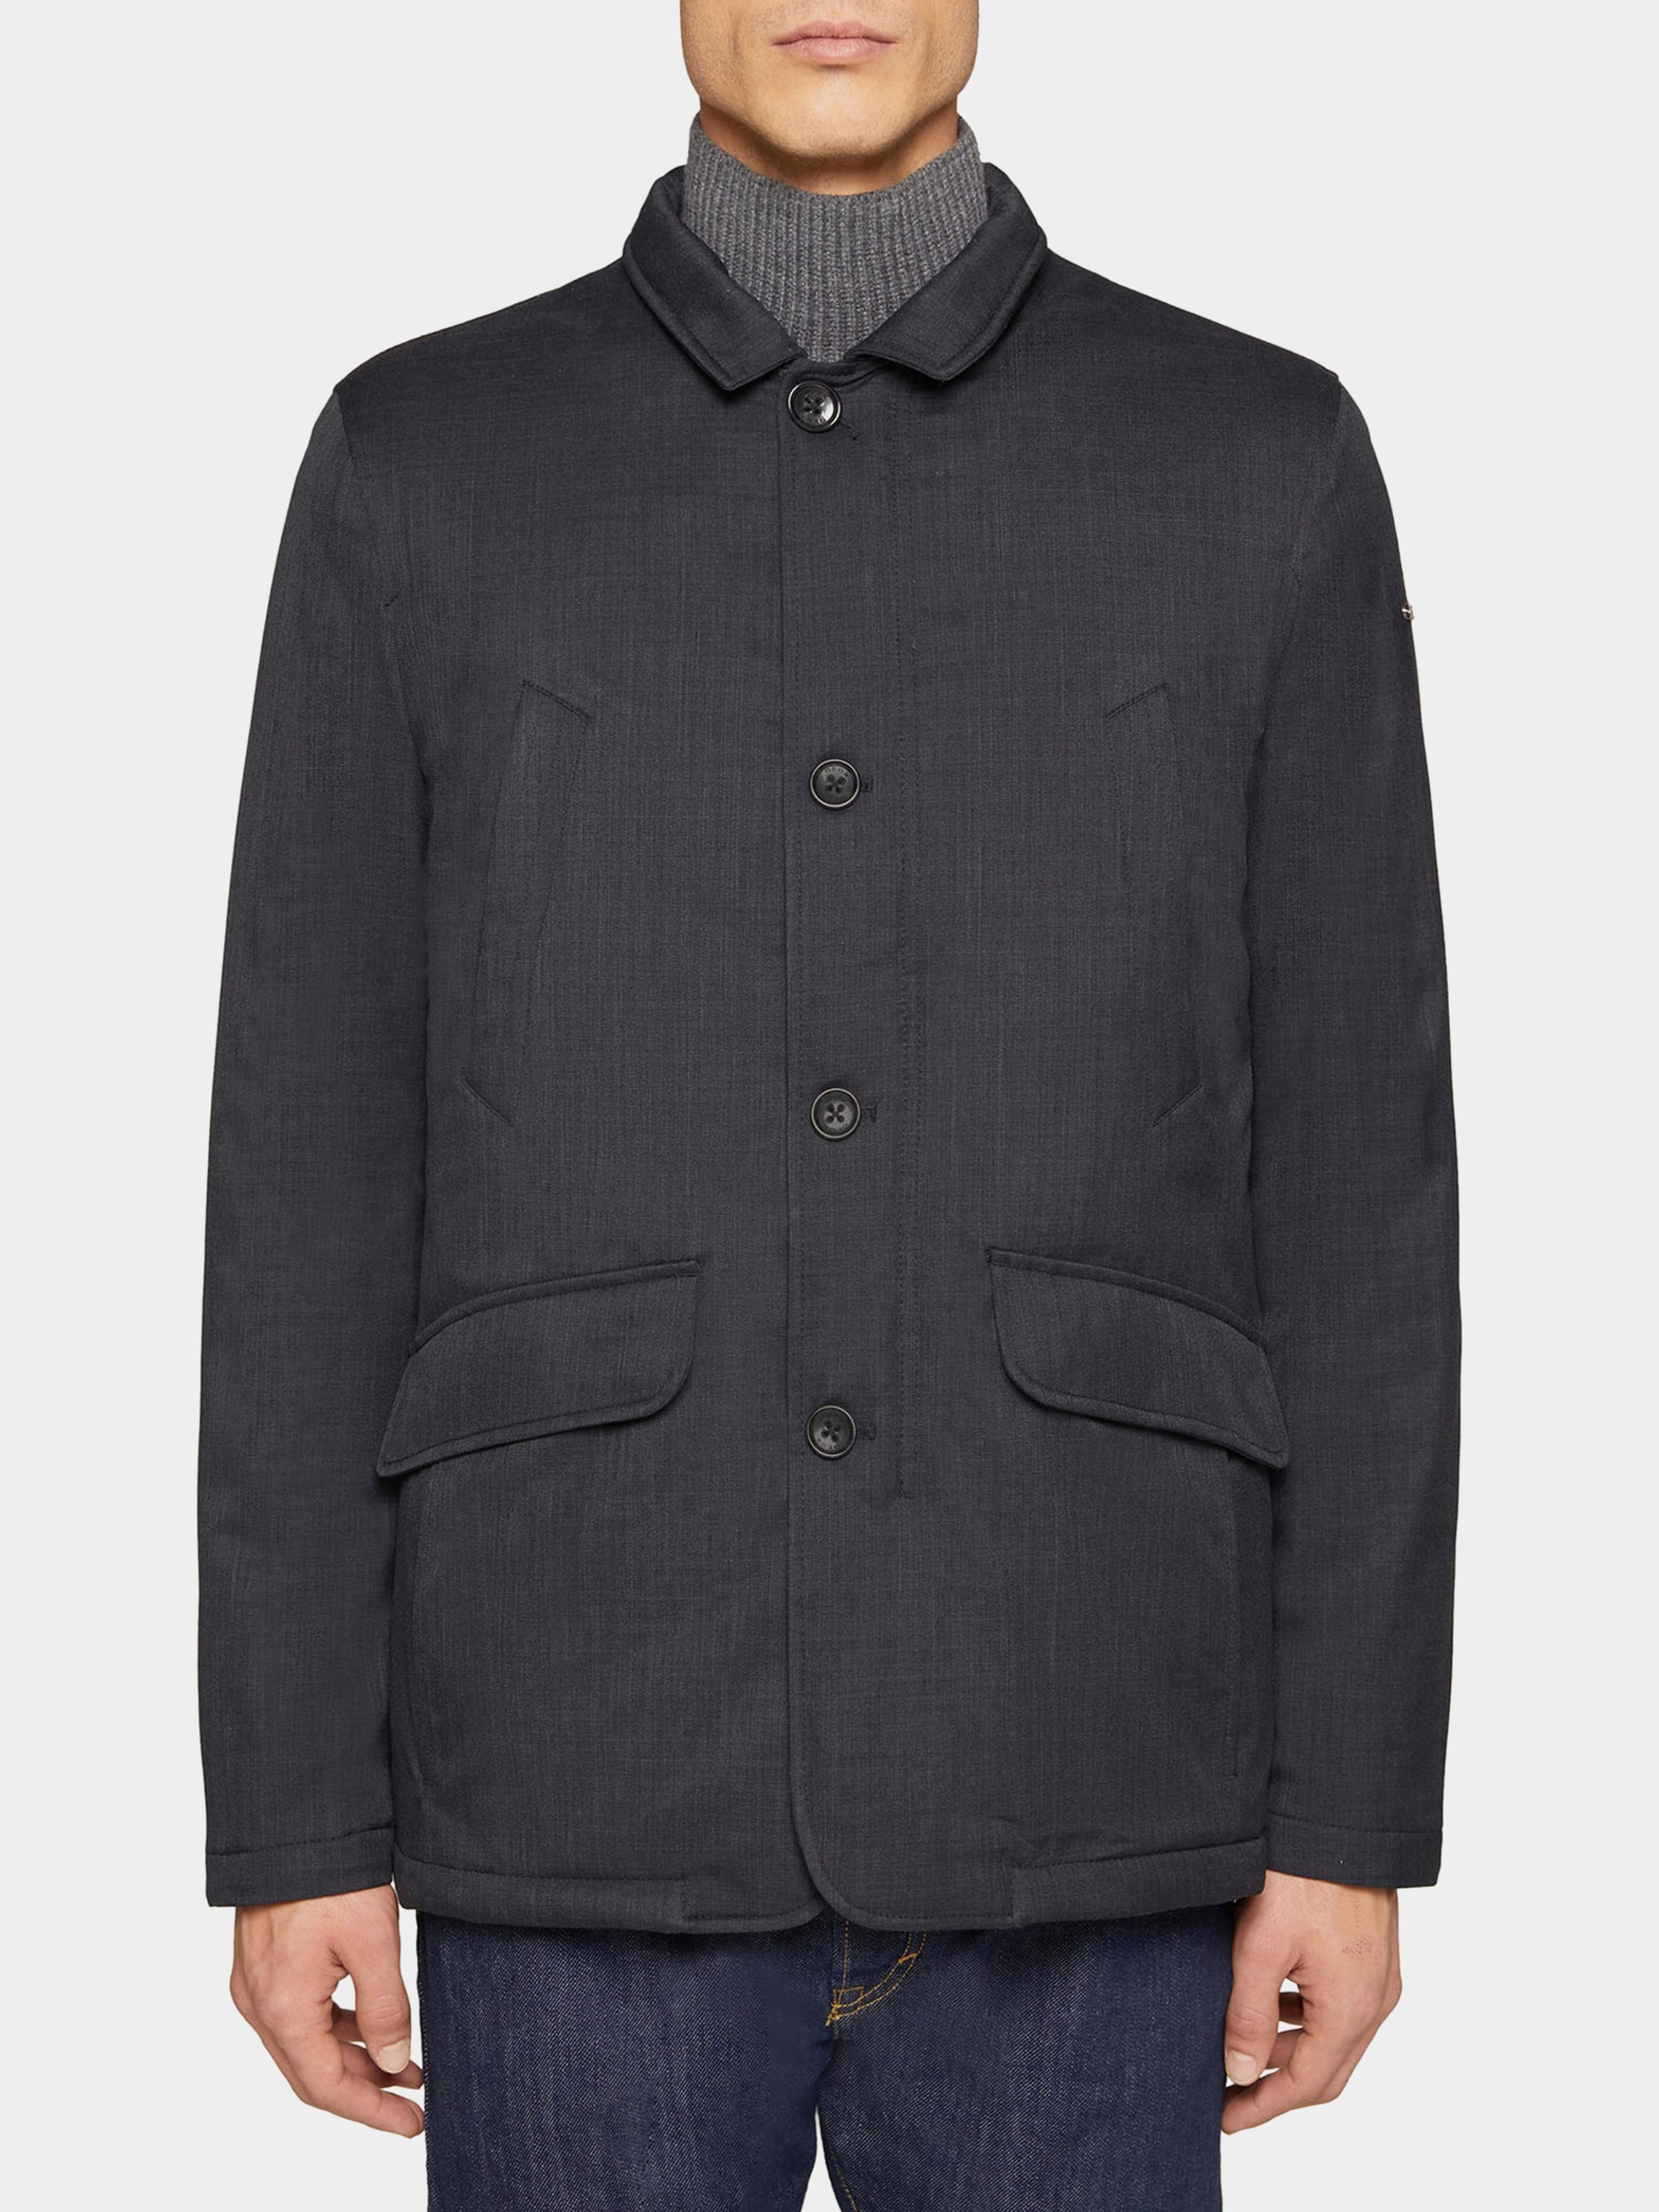 Куртка мужские Geox модель XA6035 отзывы, 2017